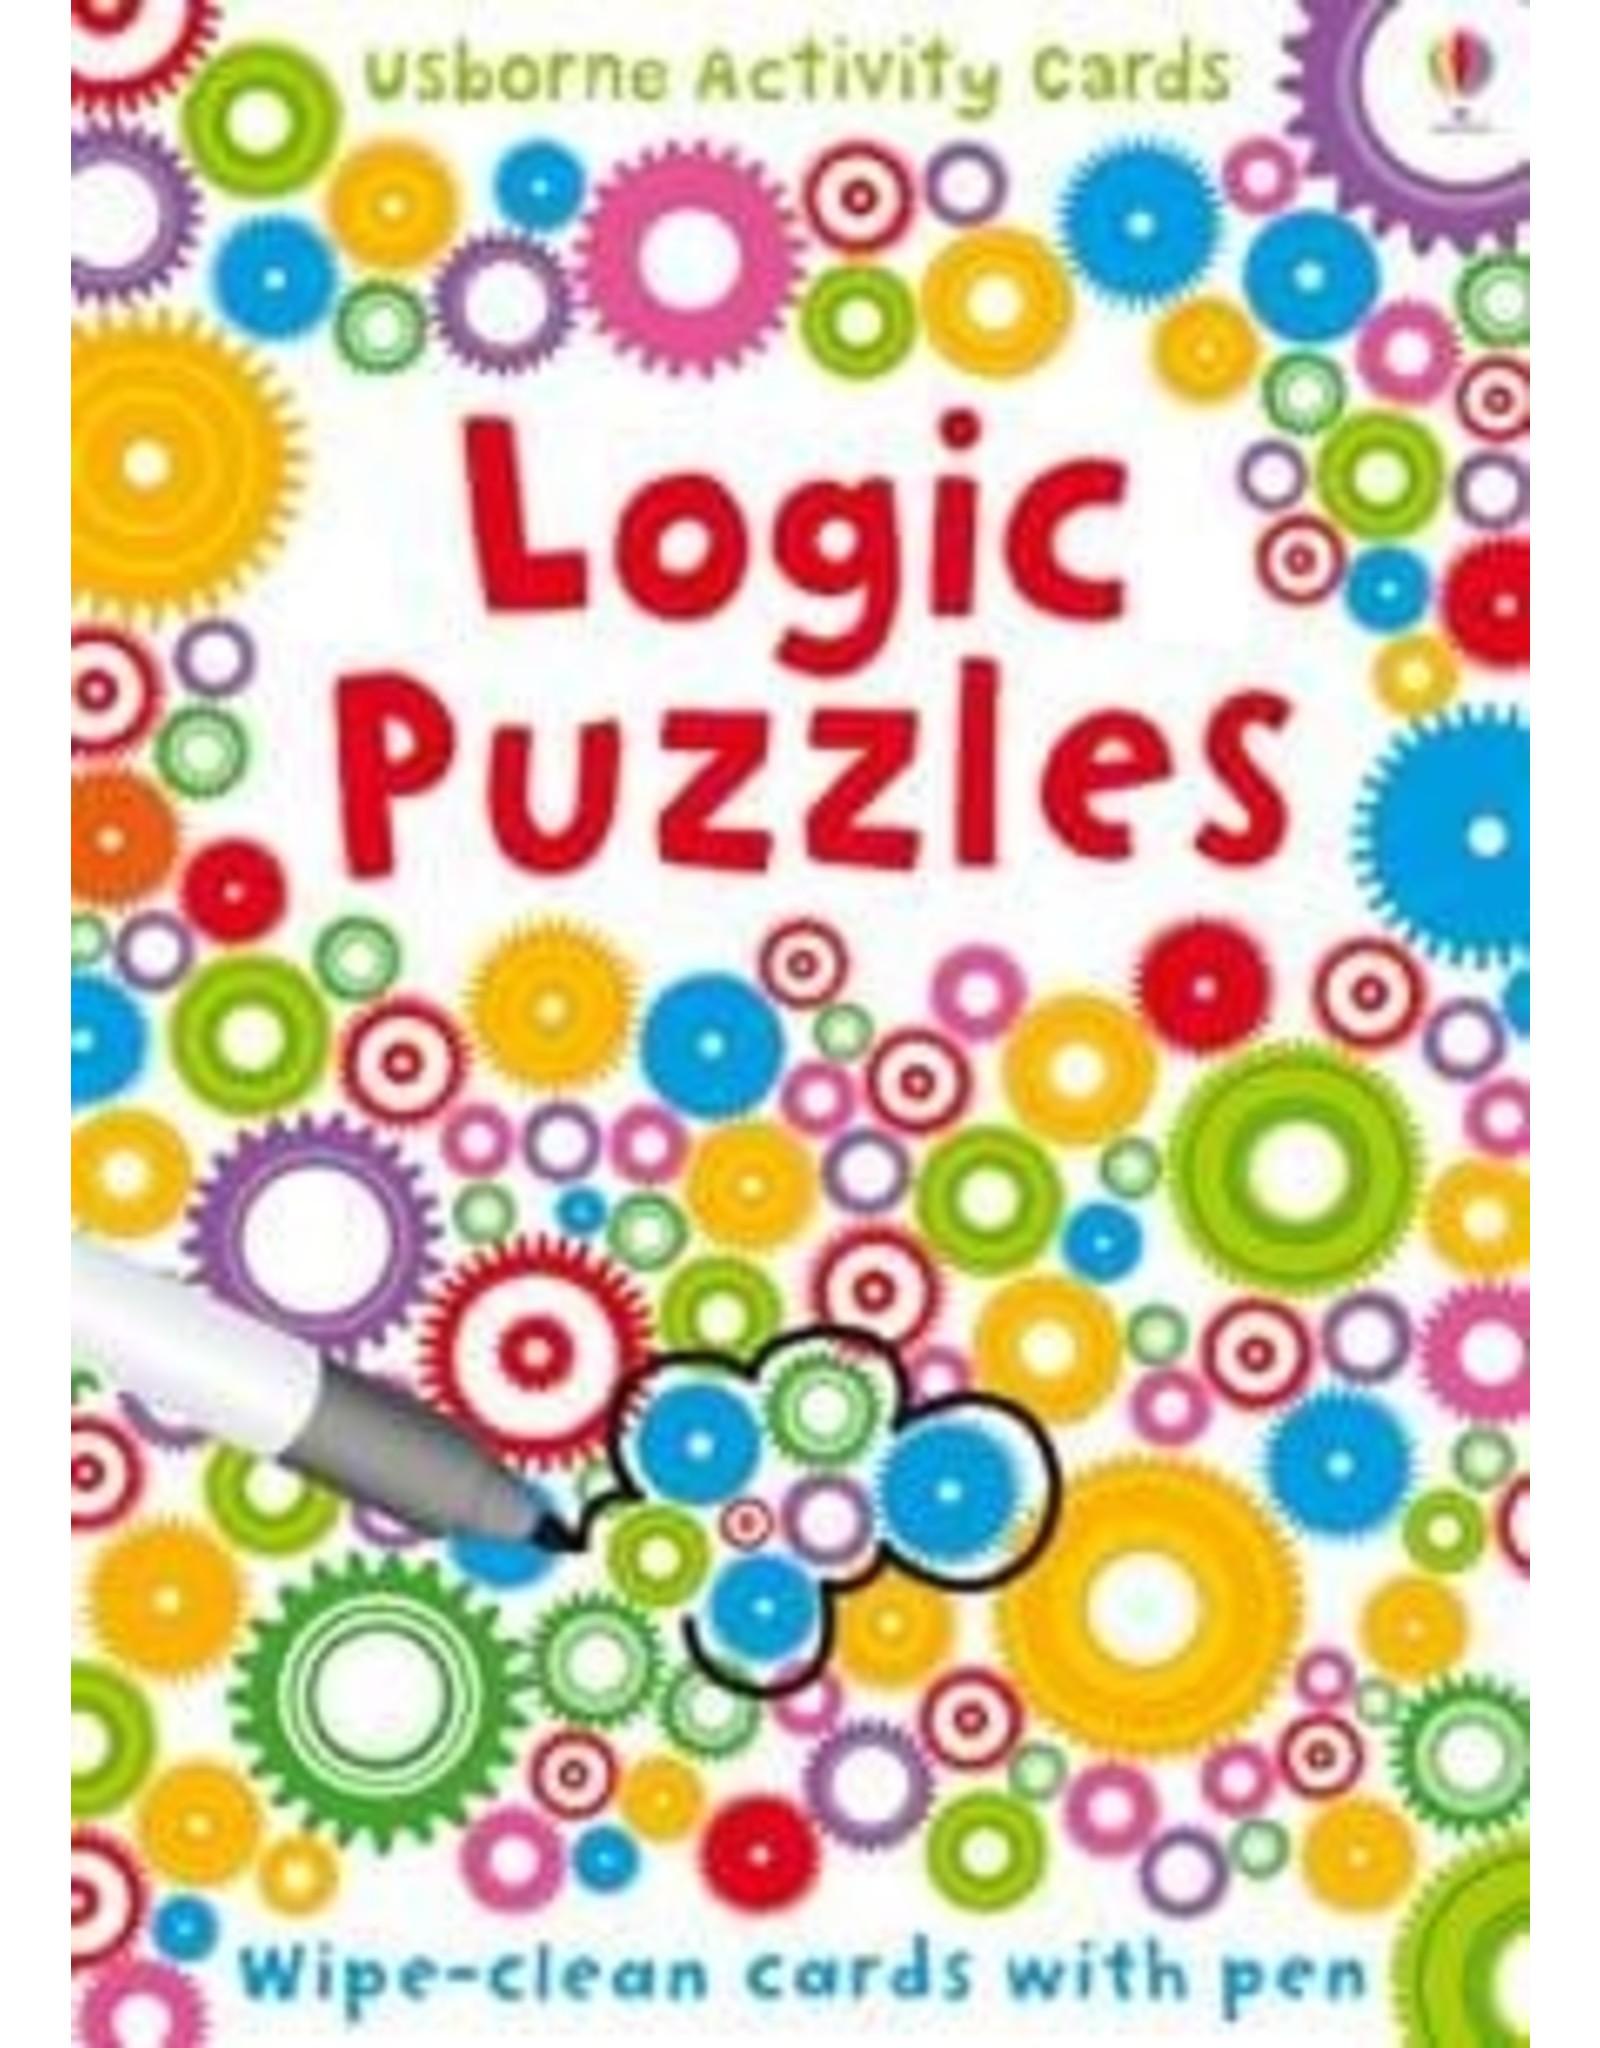 Usborne Wipe Clean Logic Puzzles